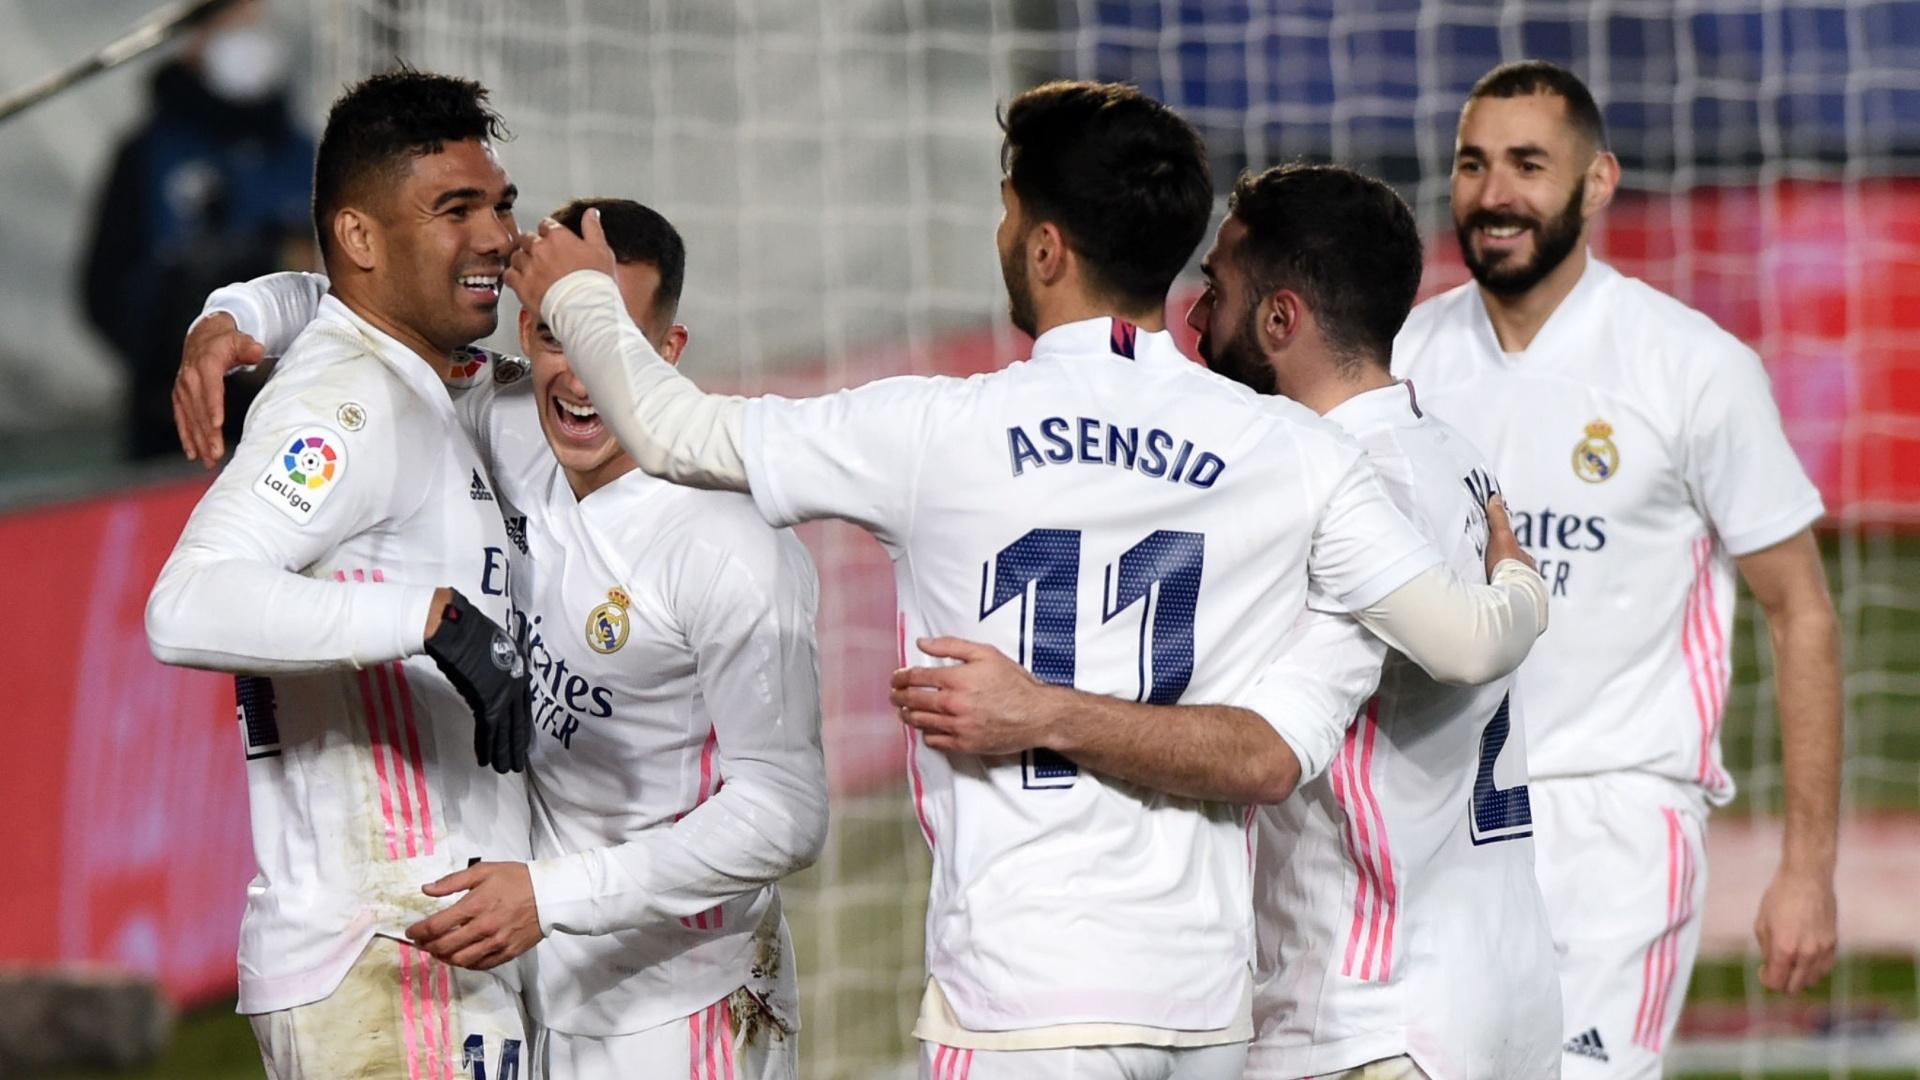 Match Preview: Real Madrid vs Celta Vigo